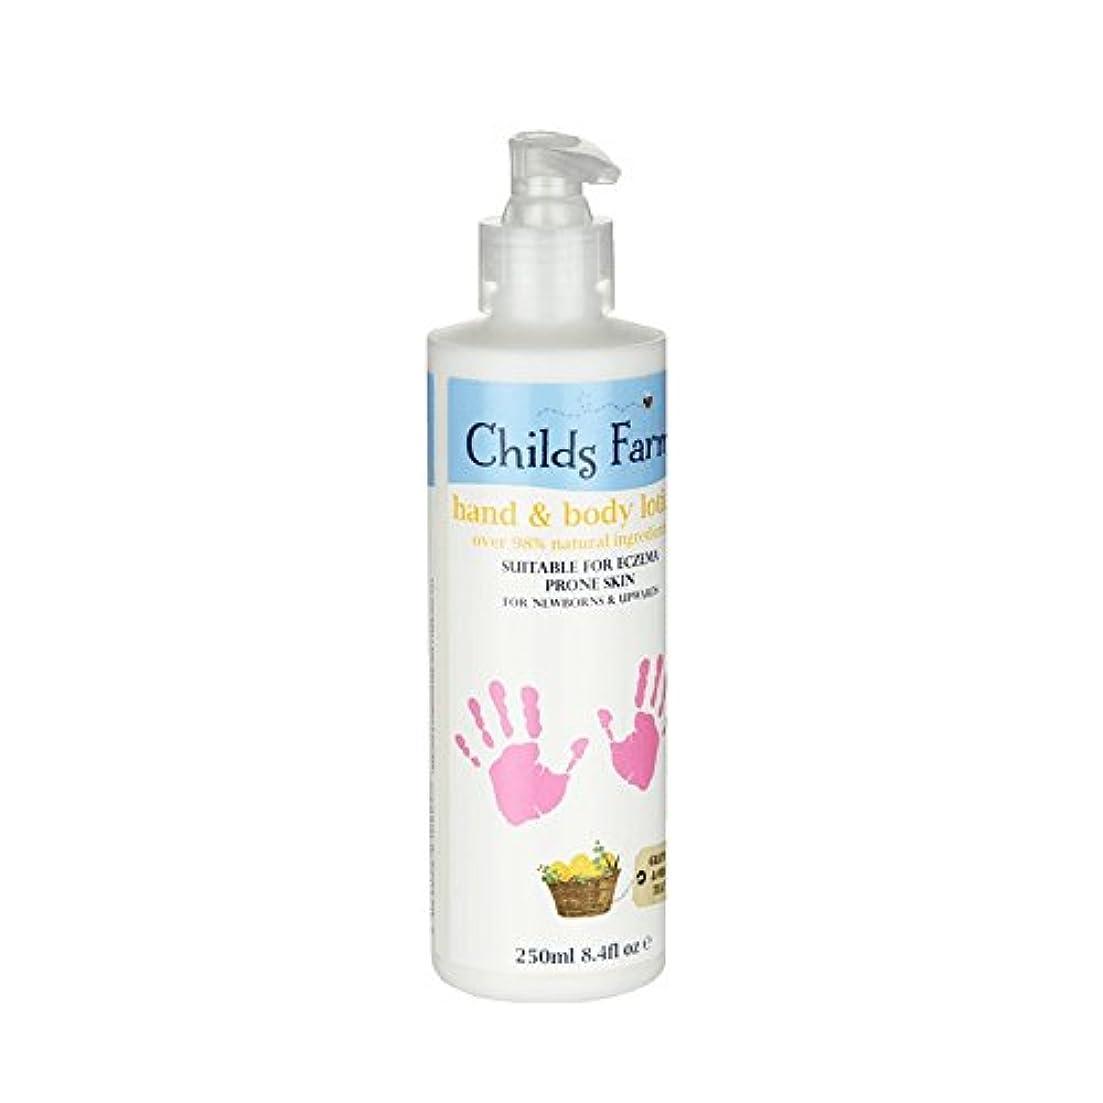 月面エコー変換Childs Farm Hand & Body Lotion for Silky Skin 250ml (Pack of 2) - 絹のような肌の250ミリリットルのためのチャイルズファームハンド&ボディローション (x2...